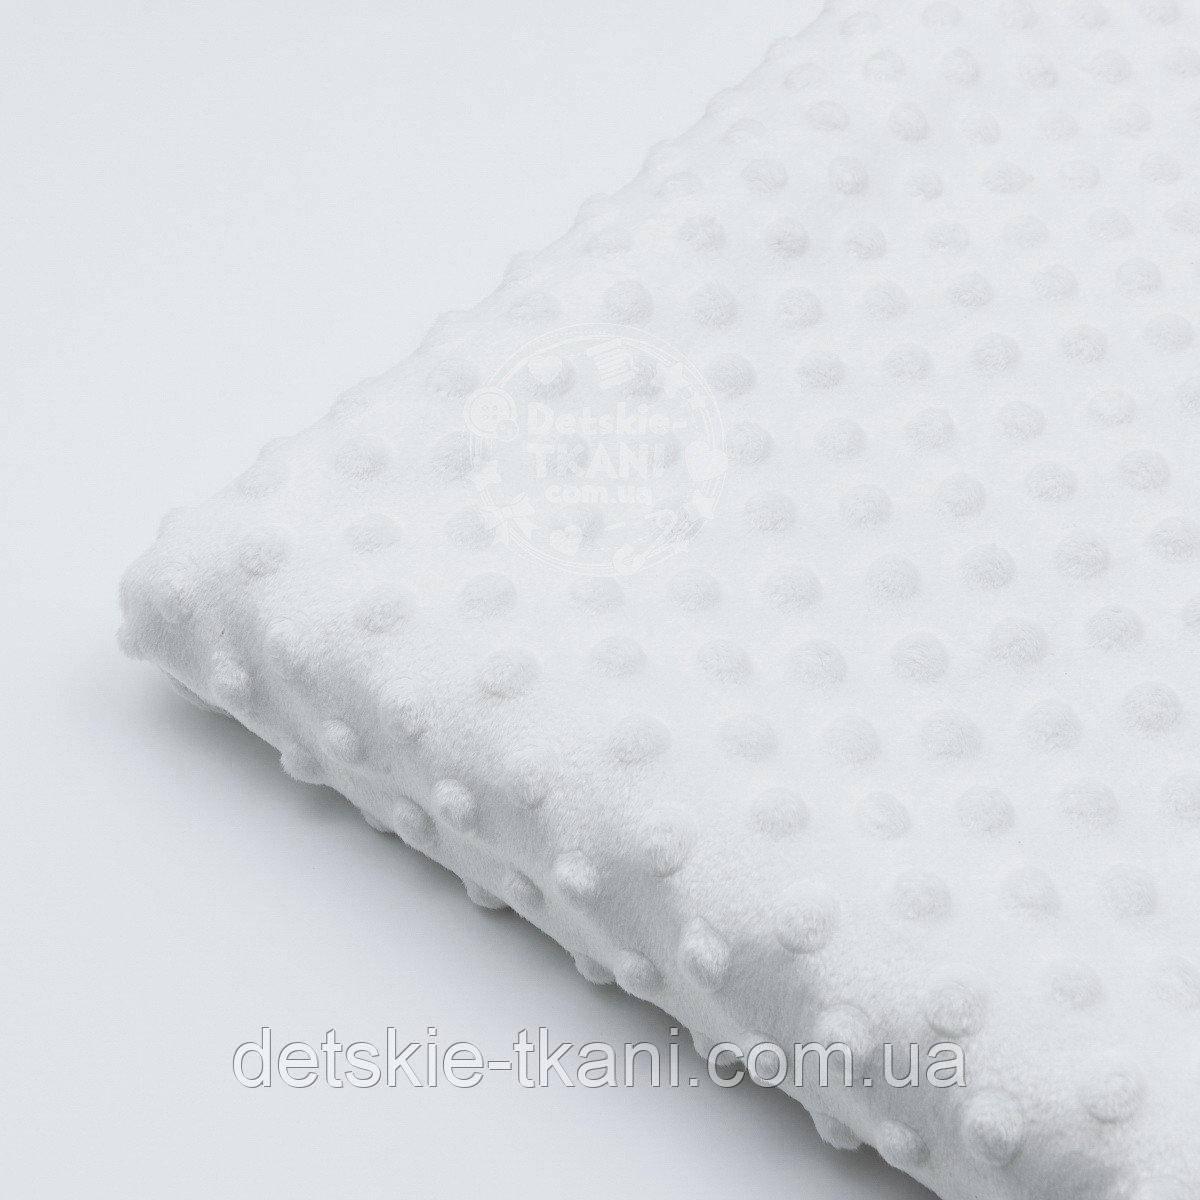 Лоскут М-10плюша минки белого цвета размер 75*80 см (есть загрязнение)